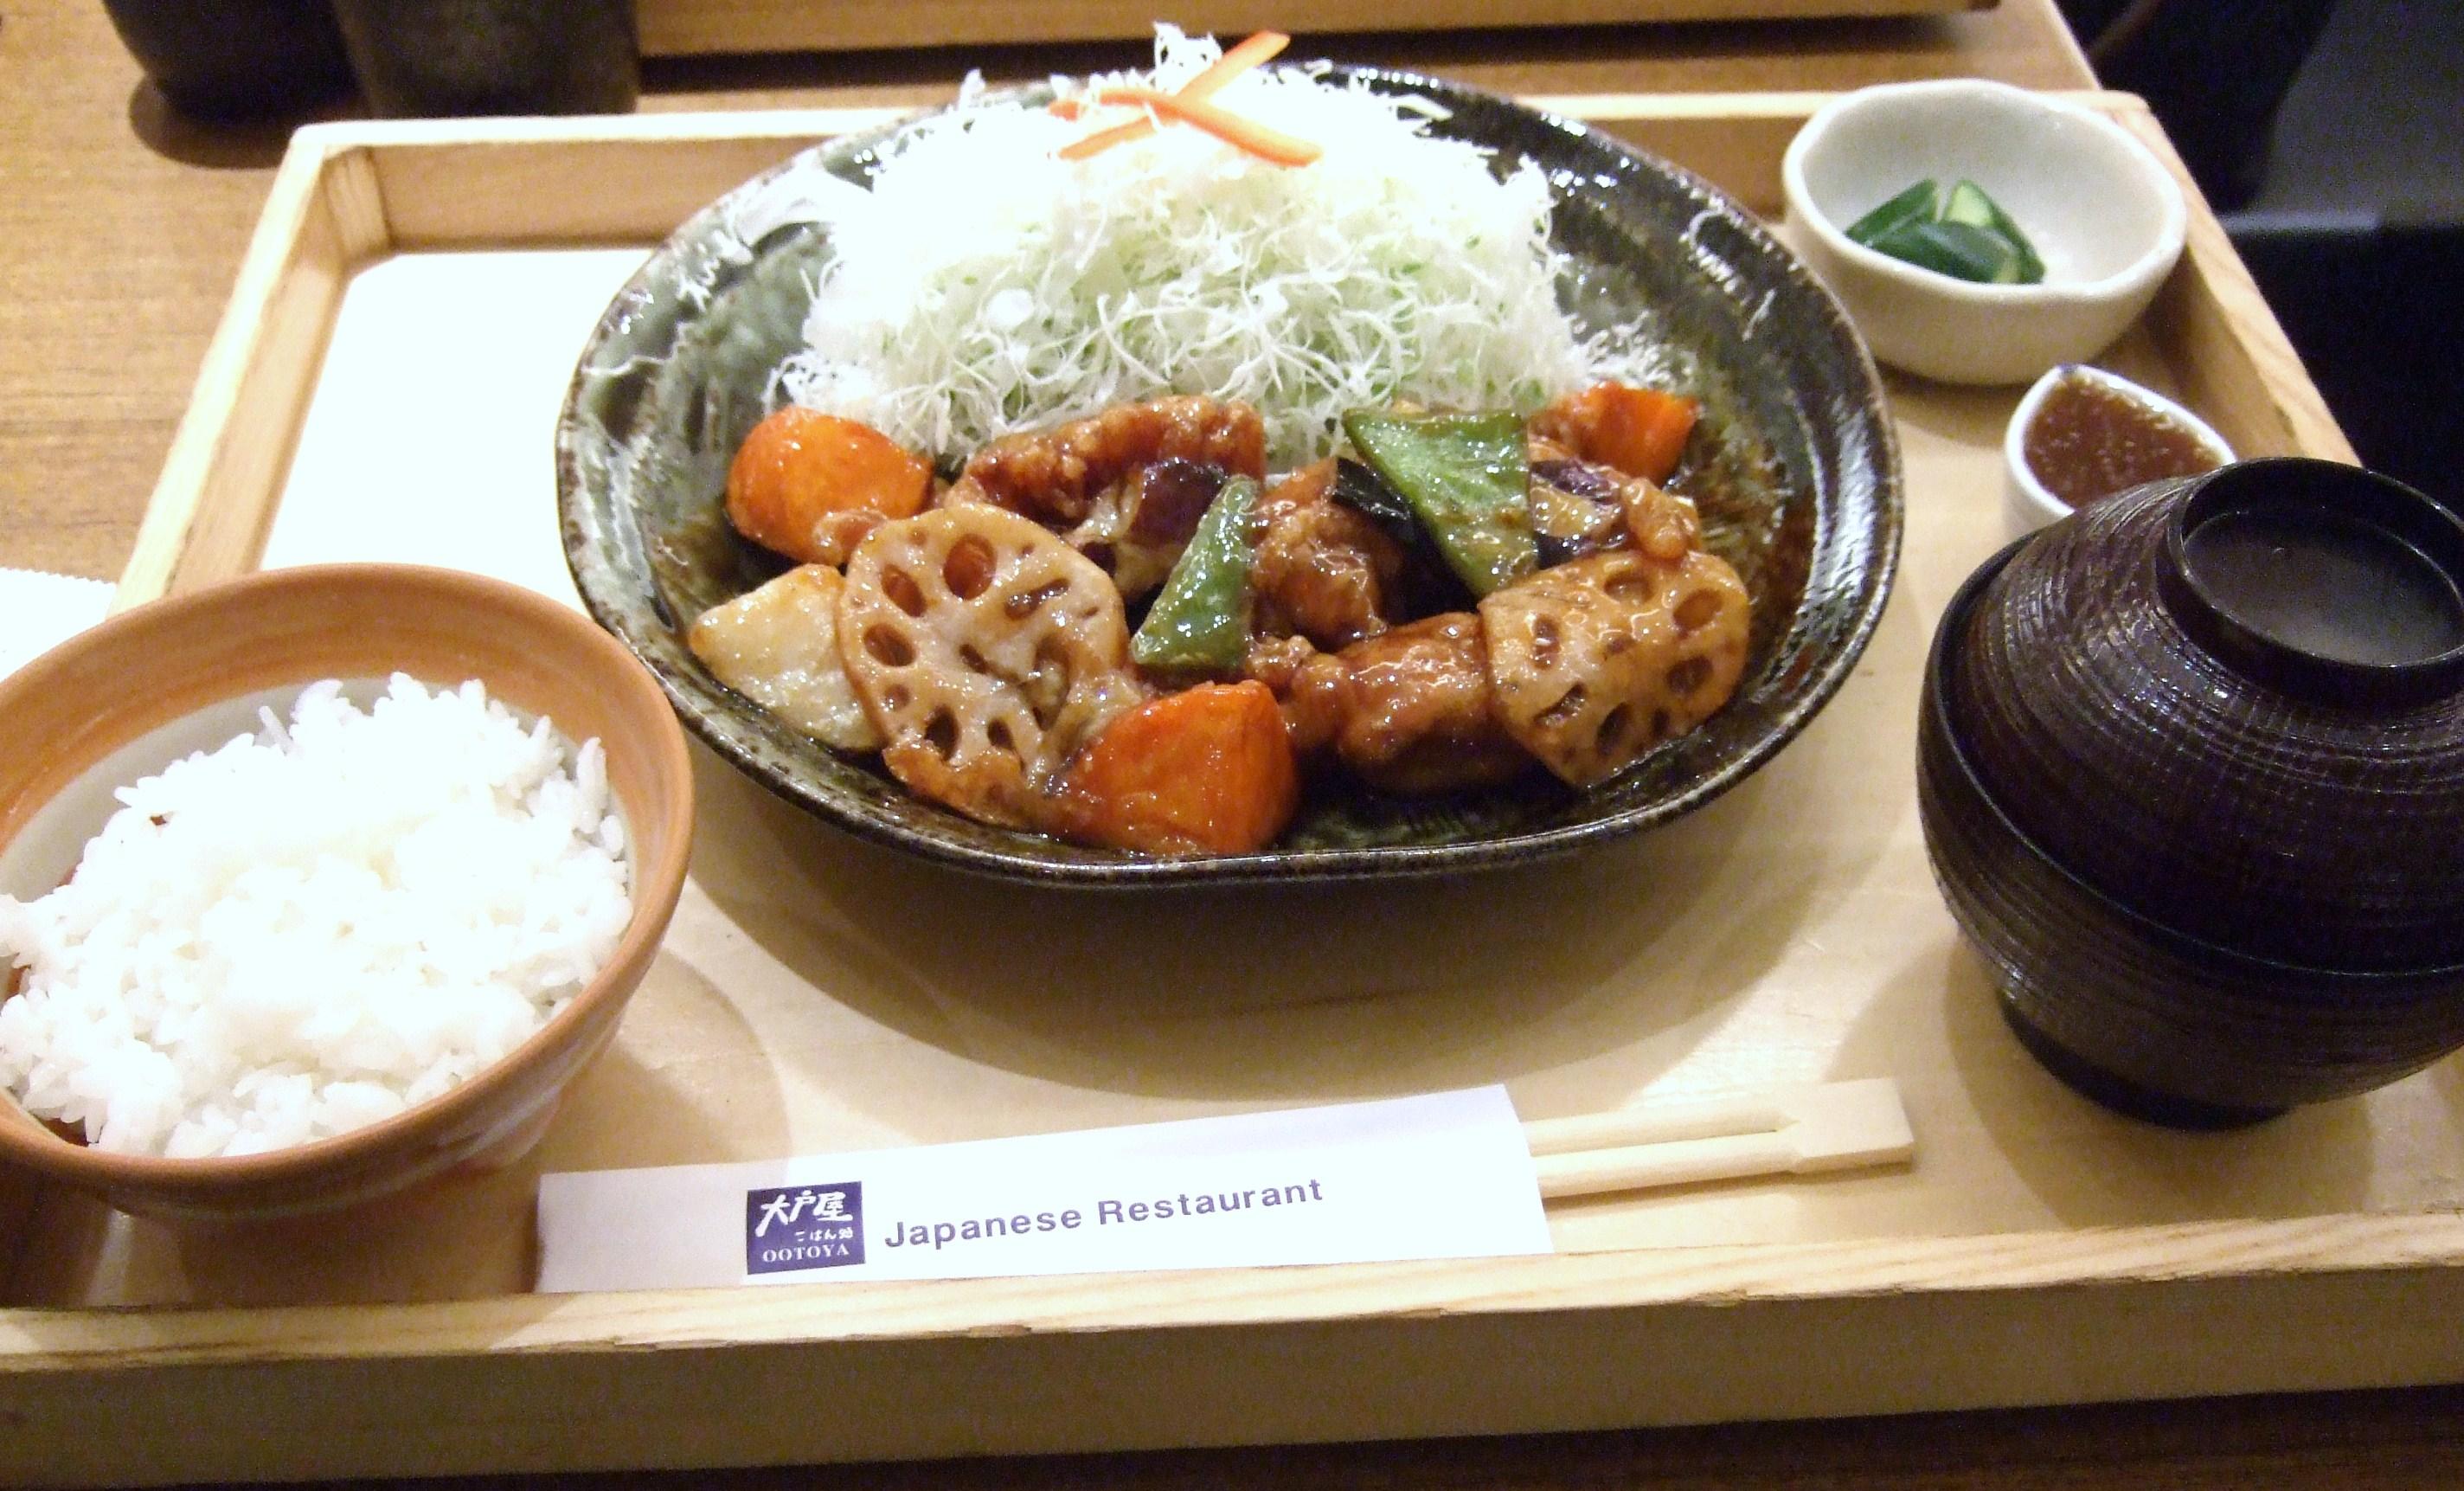 Japanese Food